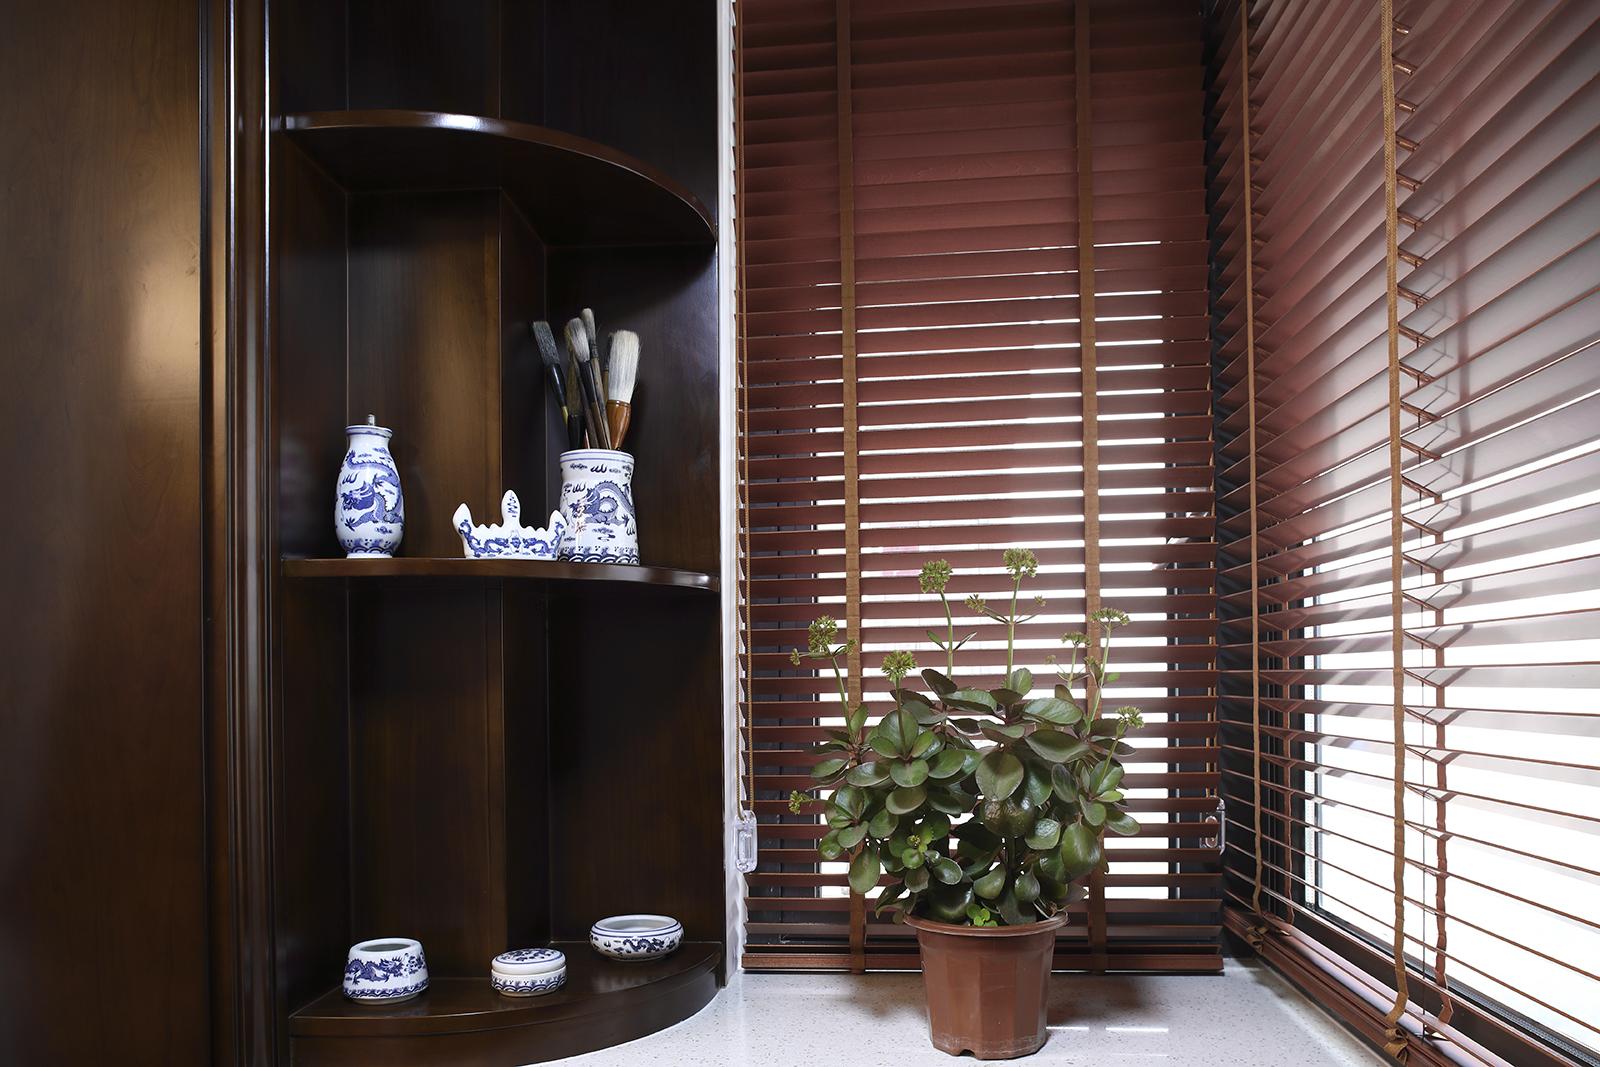 老上海复古海派风装修客厅墙角装饰